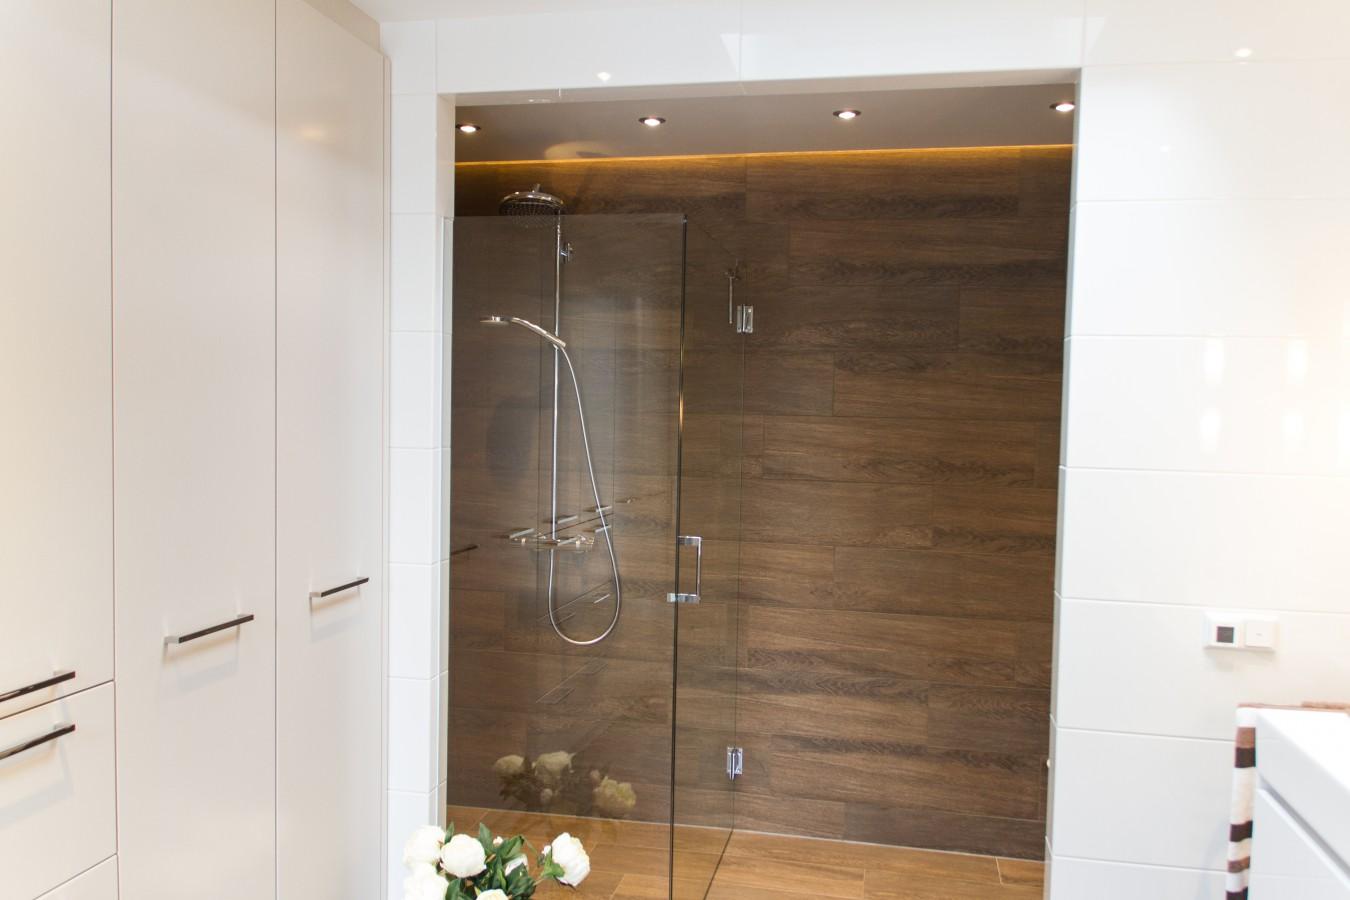 Kosten Badkamer Met Bad ~ Badkamer Helmond  renovatie slaap badkamer aanbouw aan bestaande